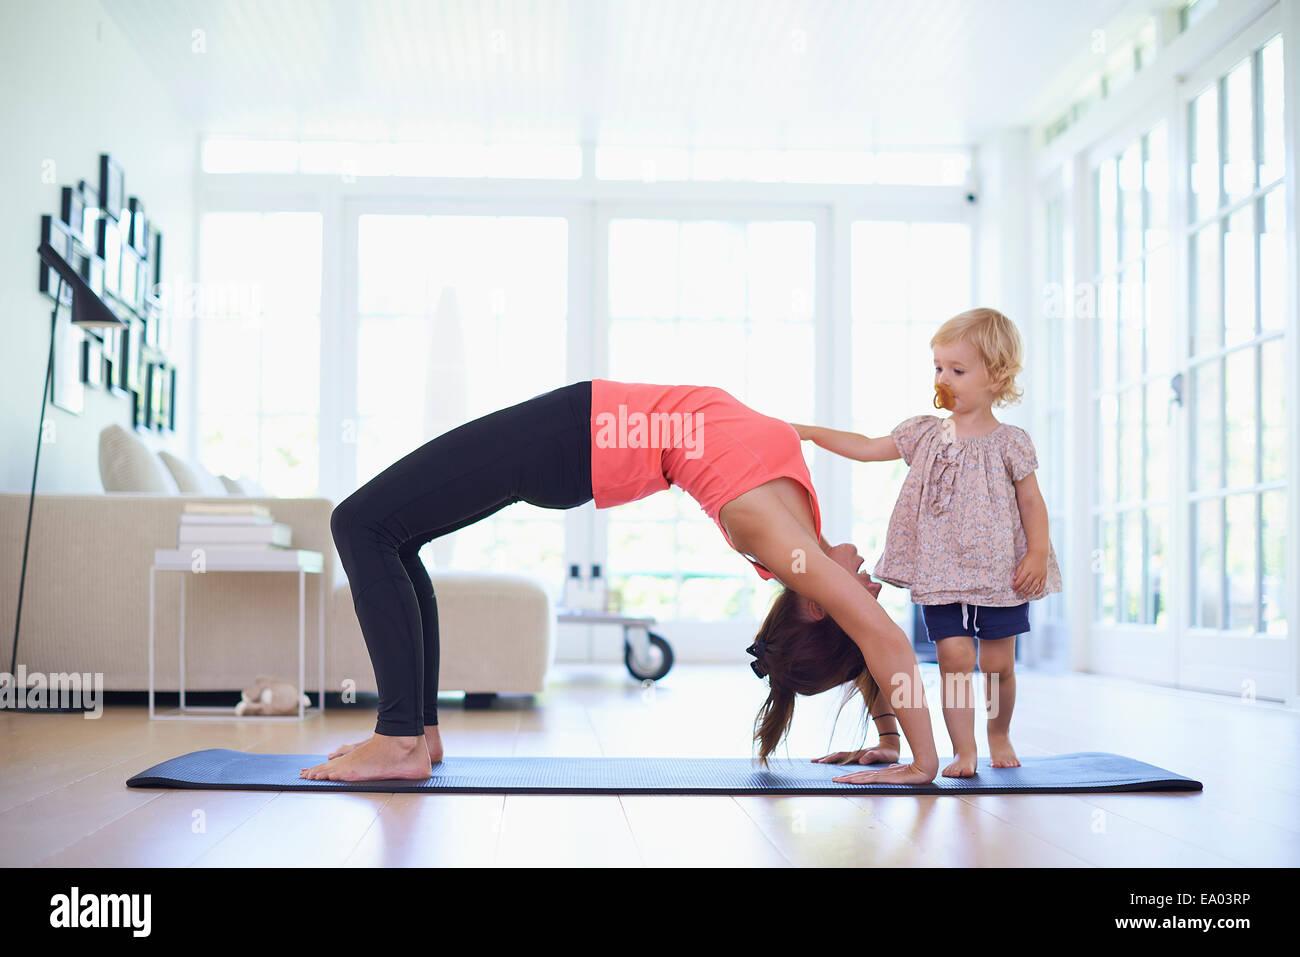 Metà adulto madre la pratica dello yoga con curiosi toddler figlia Immagini Stock